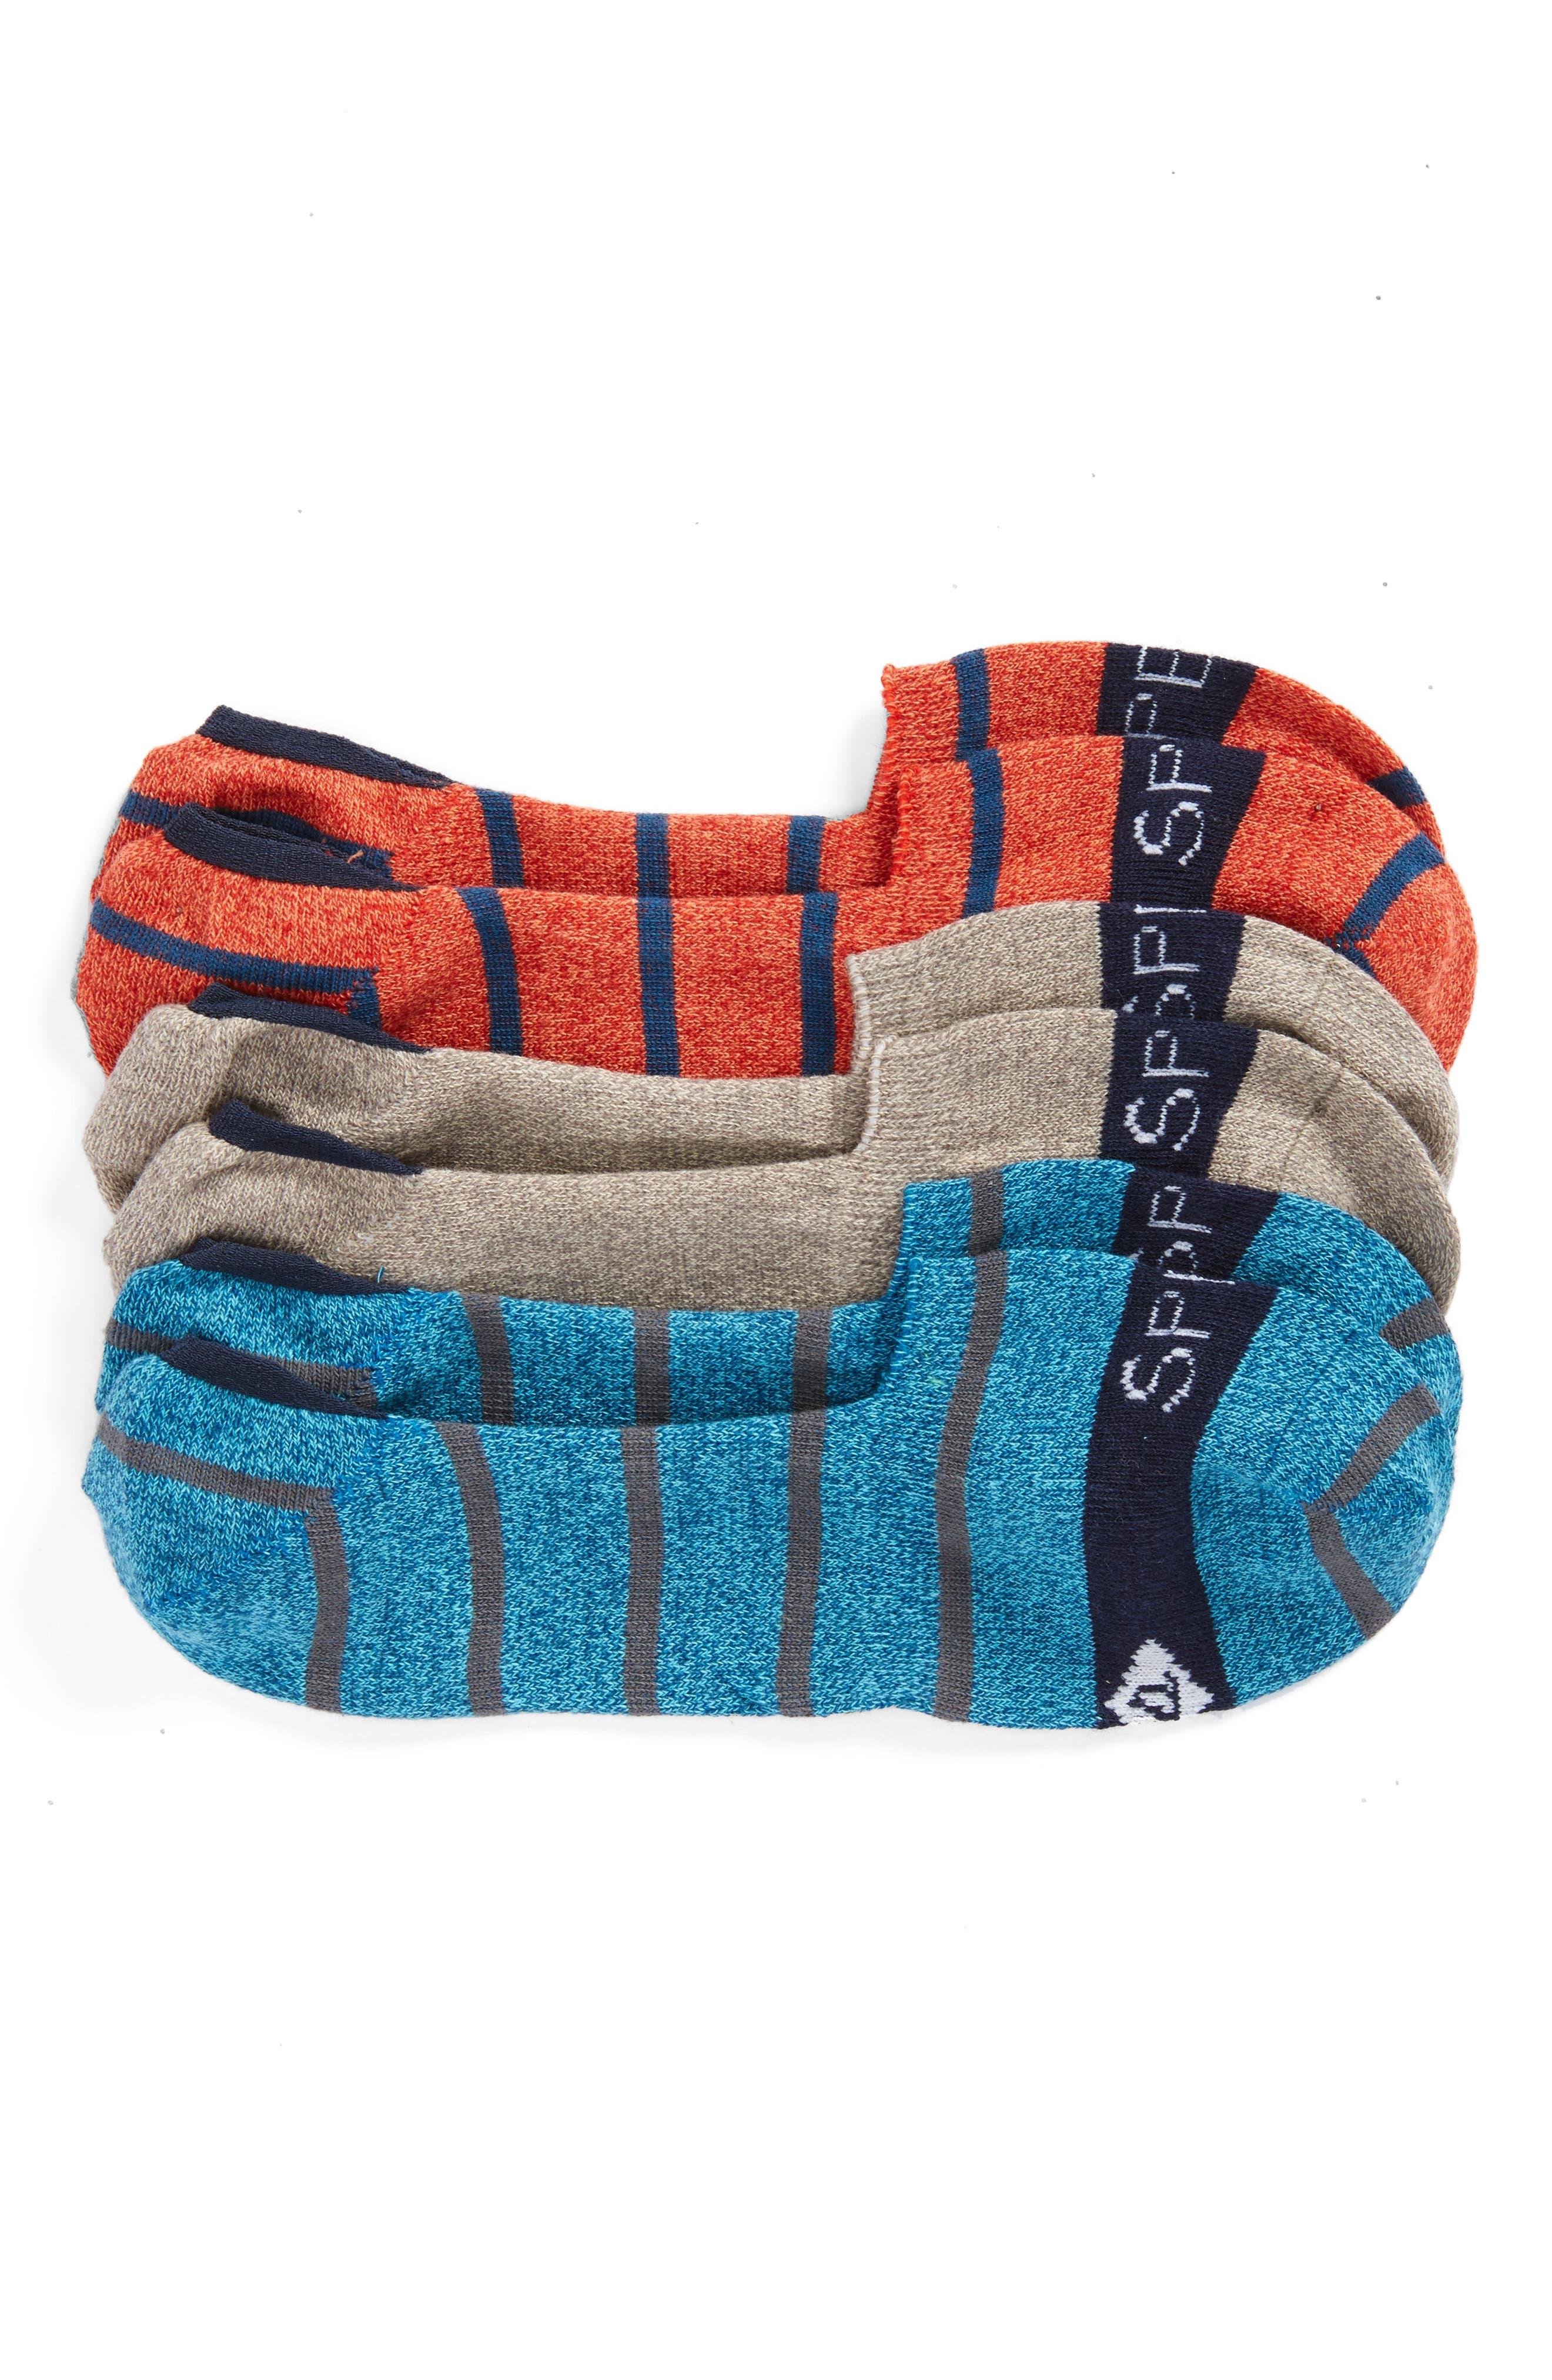 3-Pack Liner Socks,                         Main,                         color, Orange/ Grey/ Blue